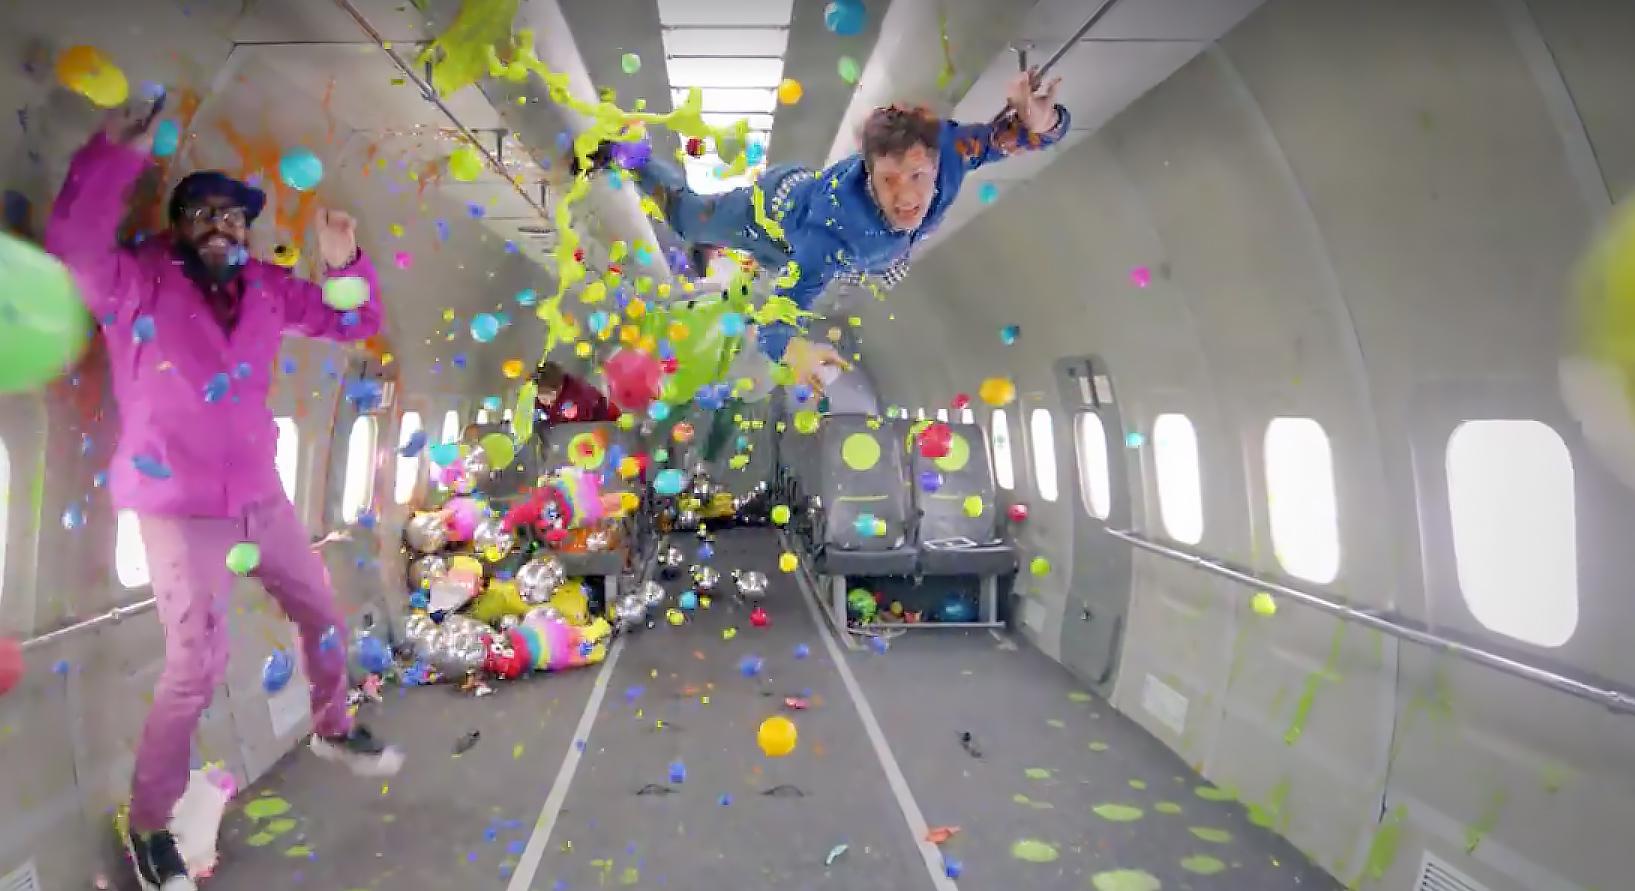 Watch OK Go Defy Gravity in 'Upside Down & Inside Out' Video